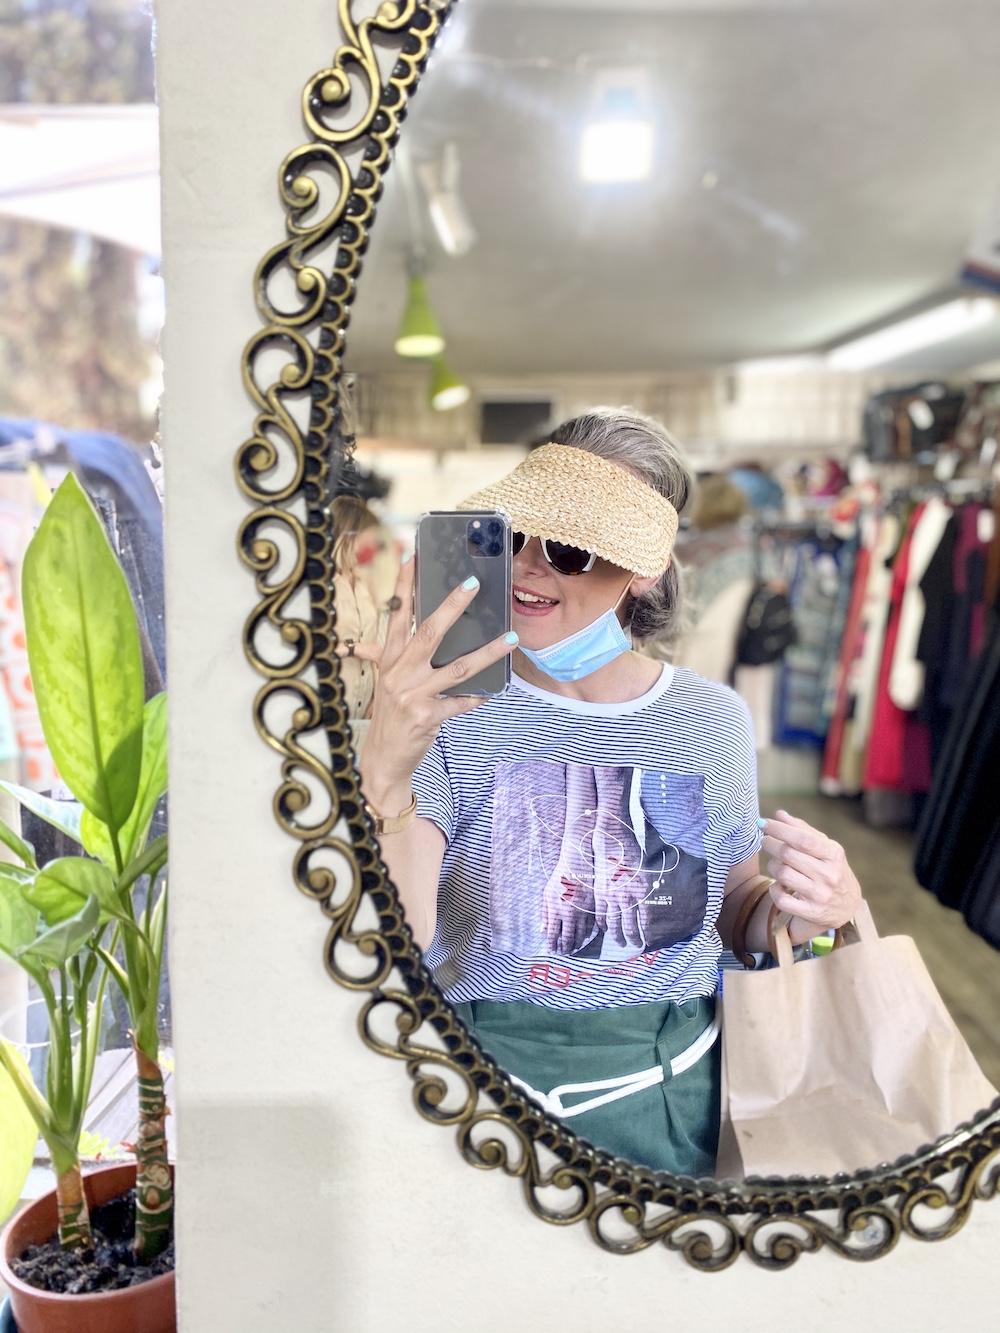 אניצ׳ה חנות וינטג׳ יד שניה שירי ויצנר בלוג חיפאית7